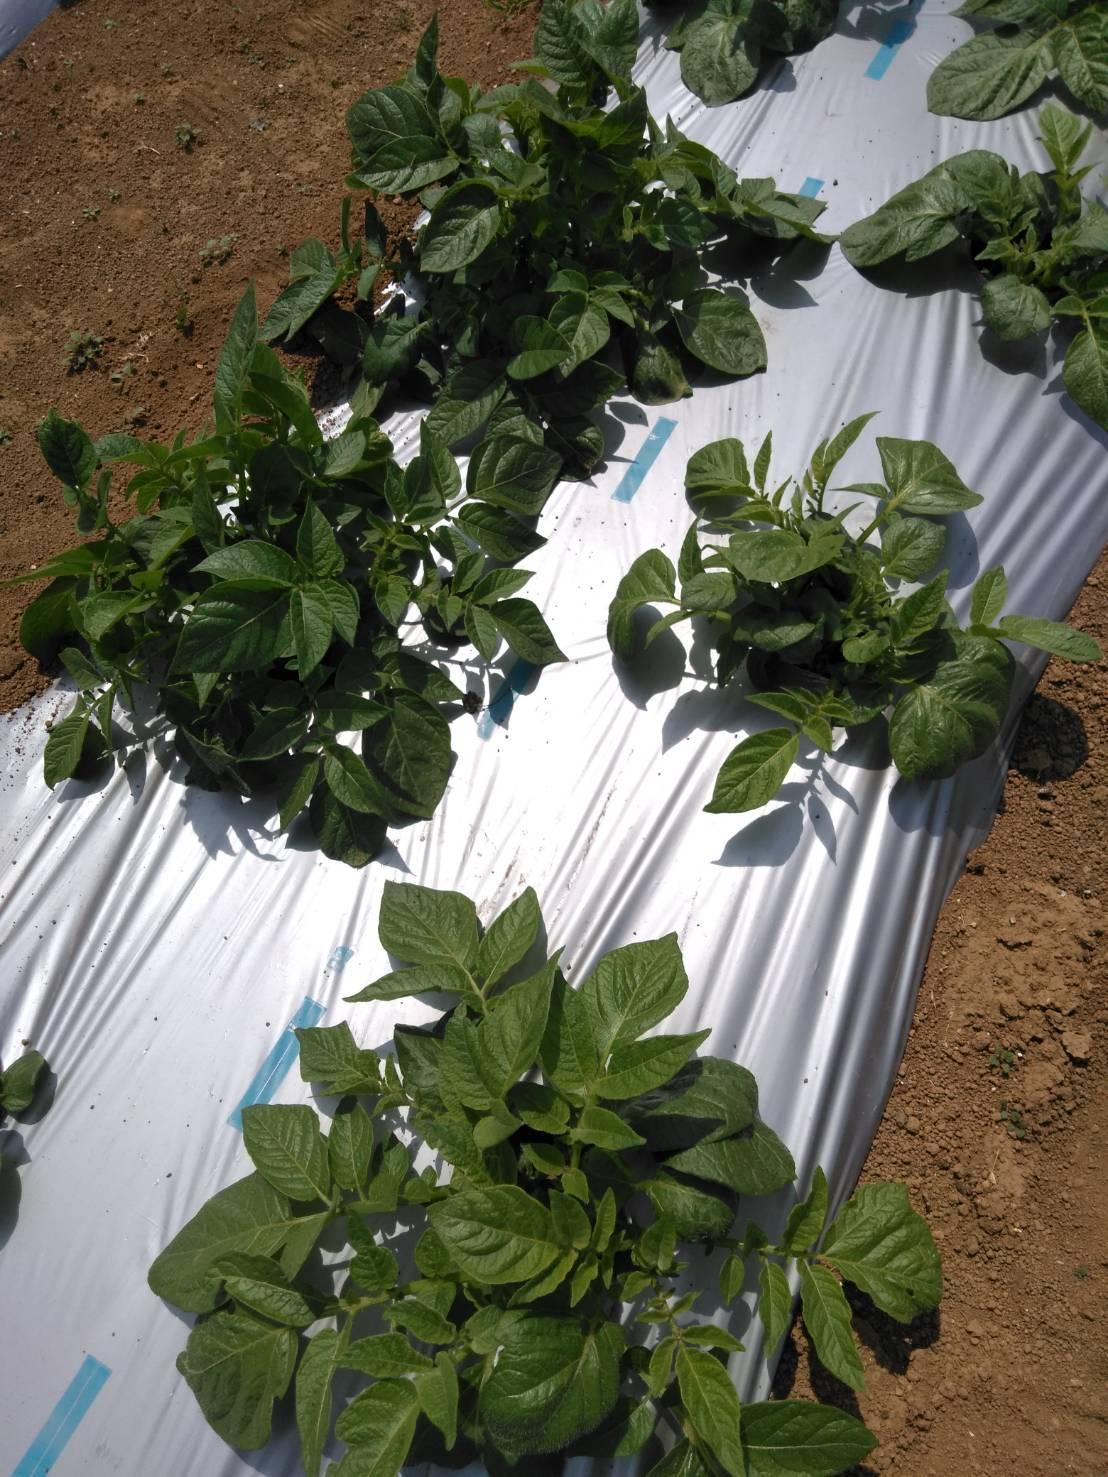 夏野菜の畝作り 今朝は4名です_c0222448_16245847.jpg